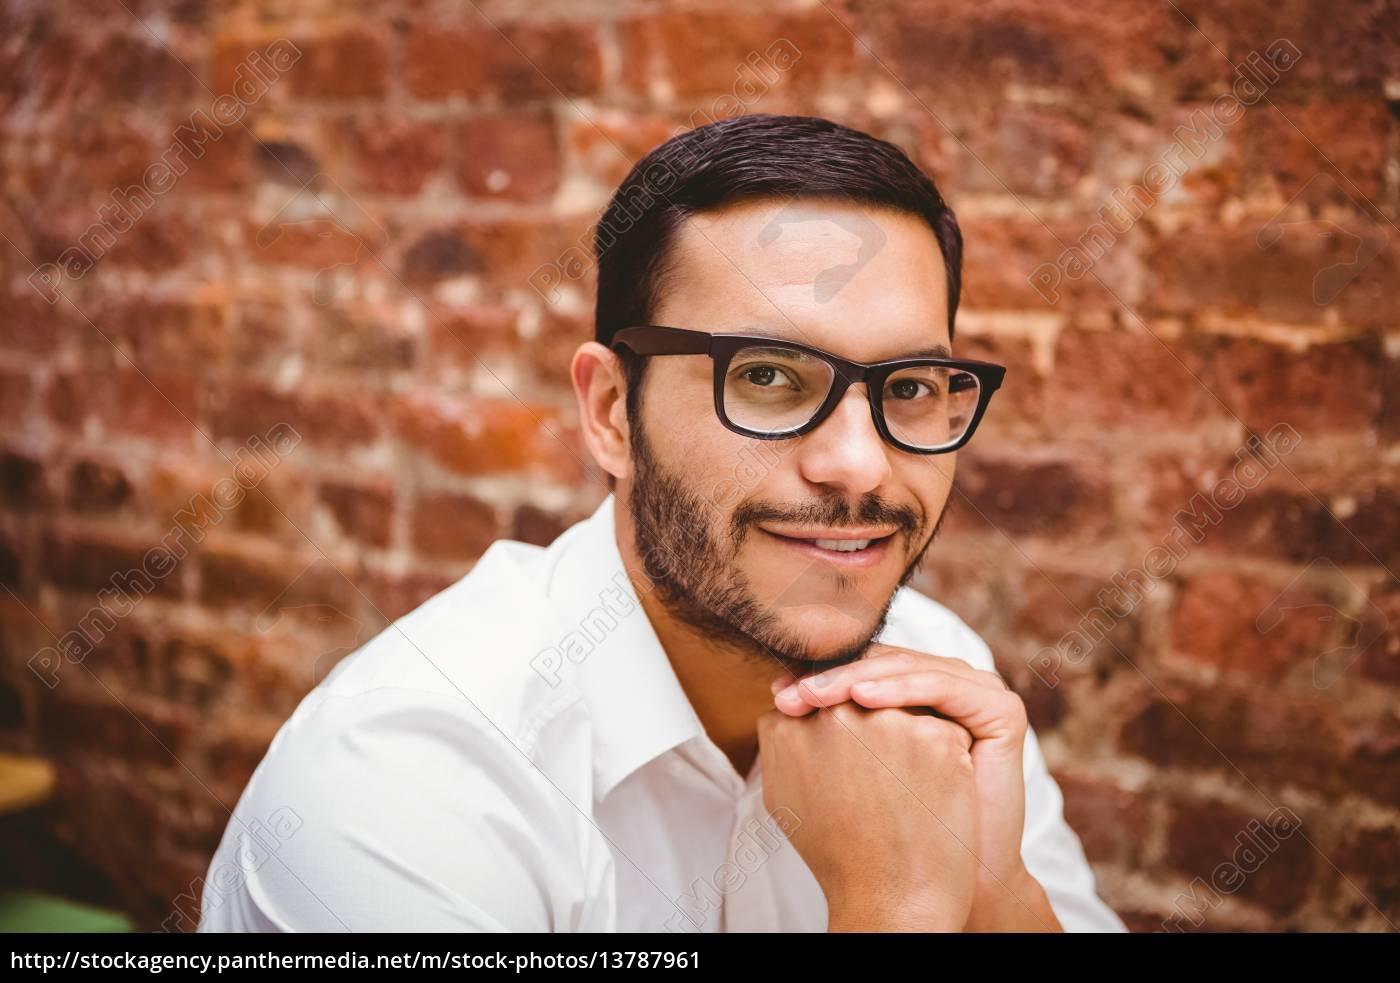 close, up, portrait, of, smiling, businessman - 13787961